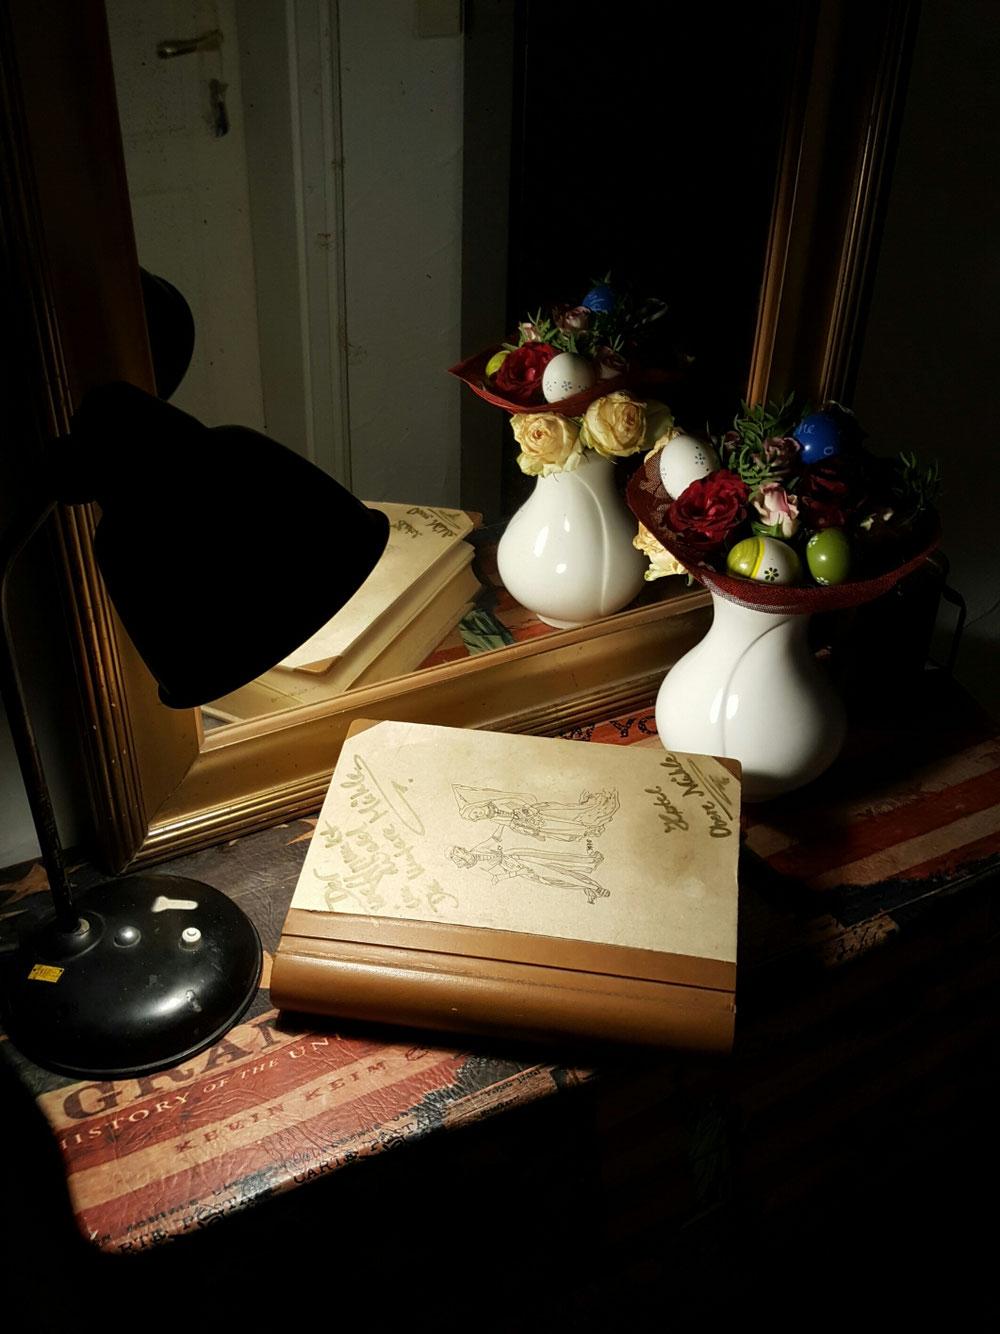 Unsere Gästebuch Einträge